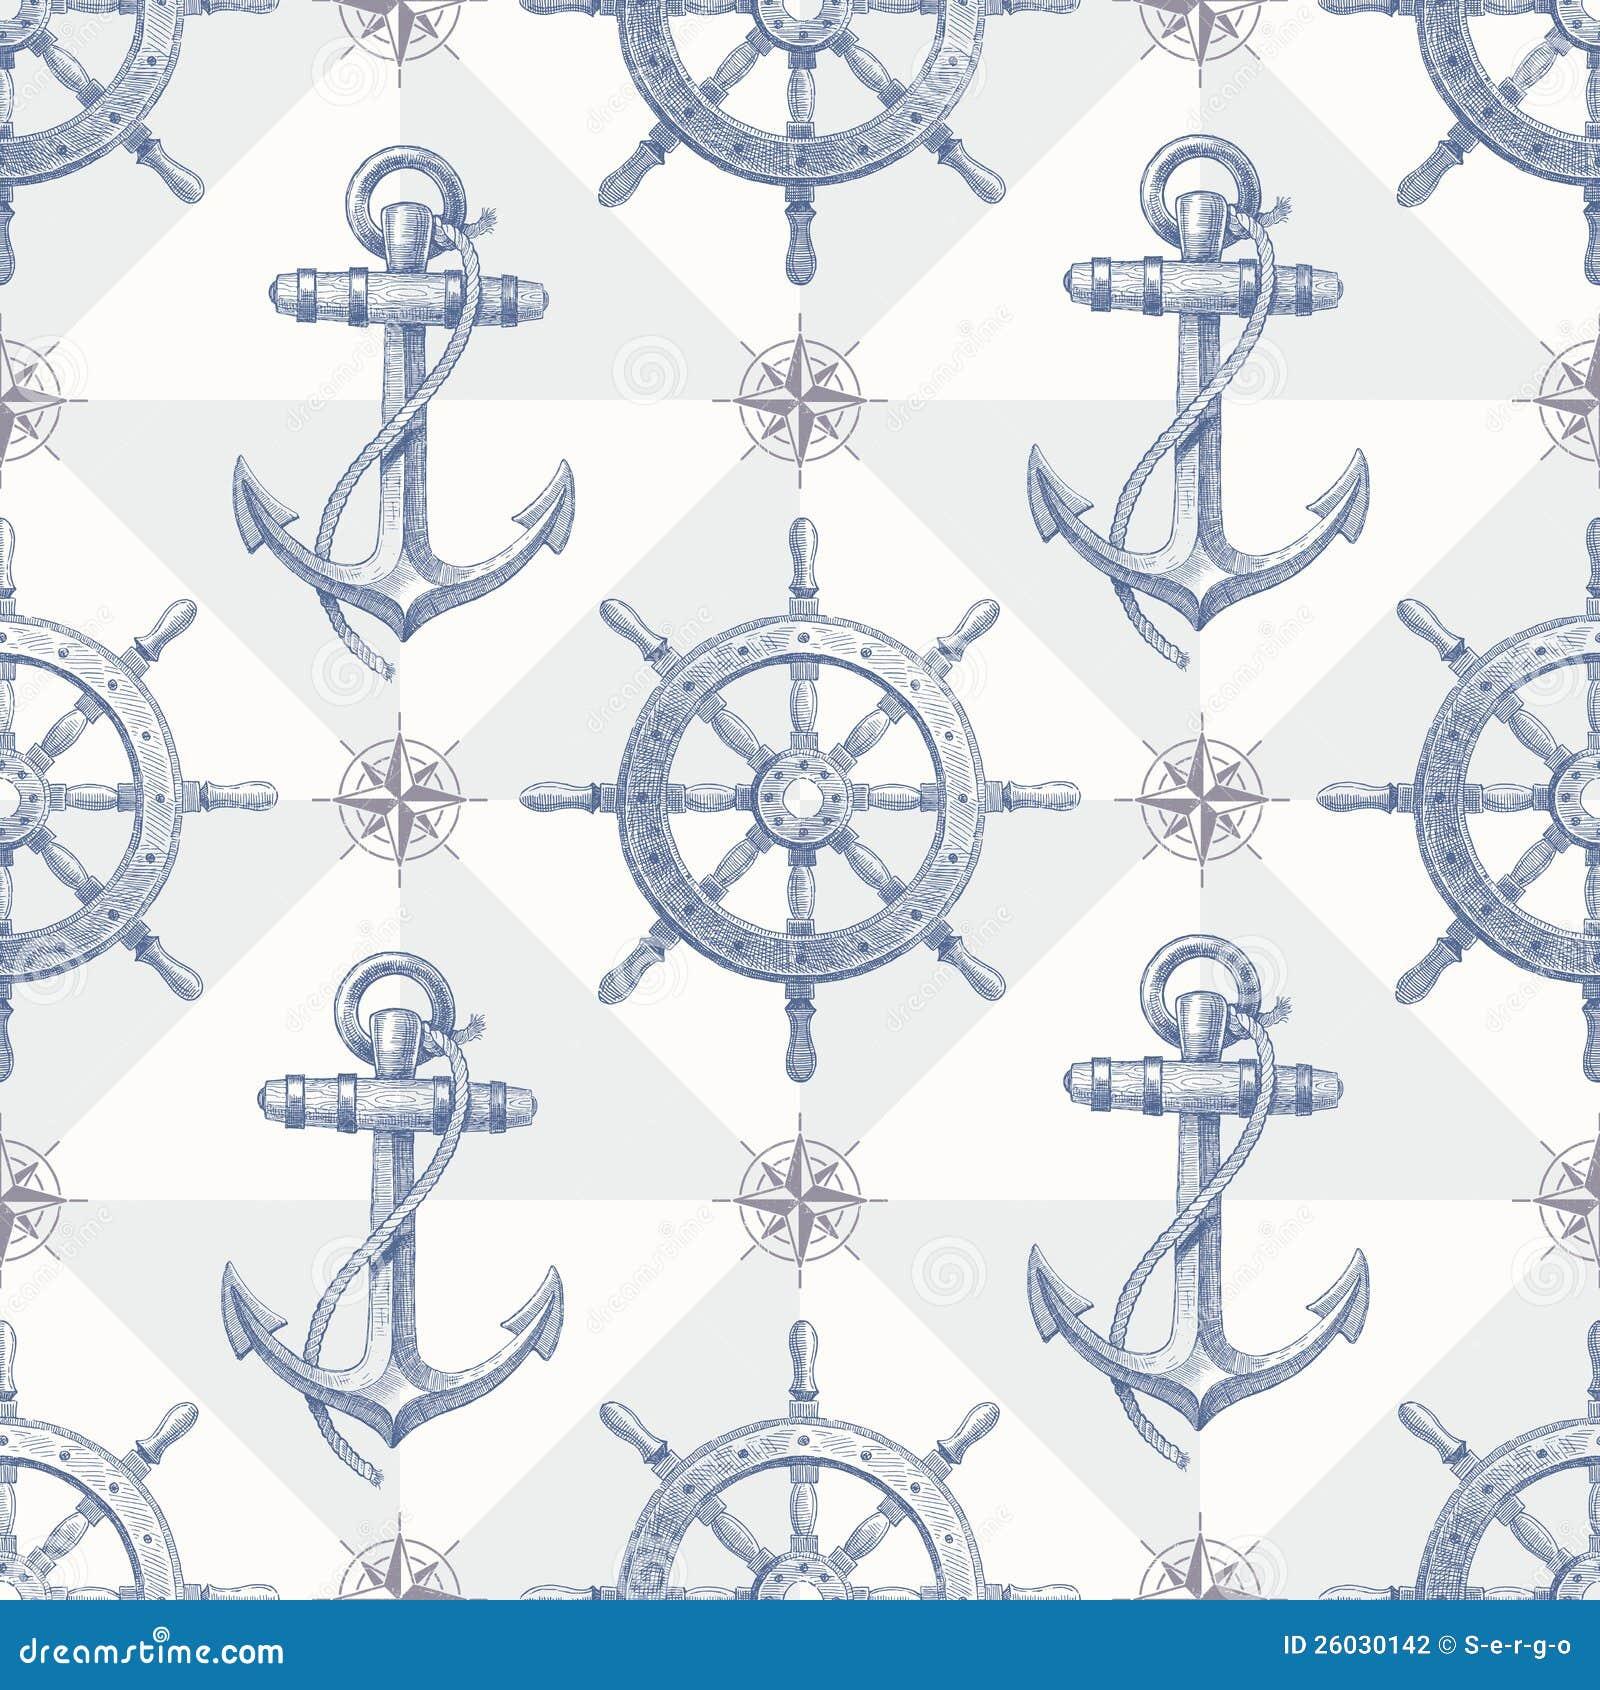 Priorità bassa nautica senza giunte con eleme disegnato a mano